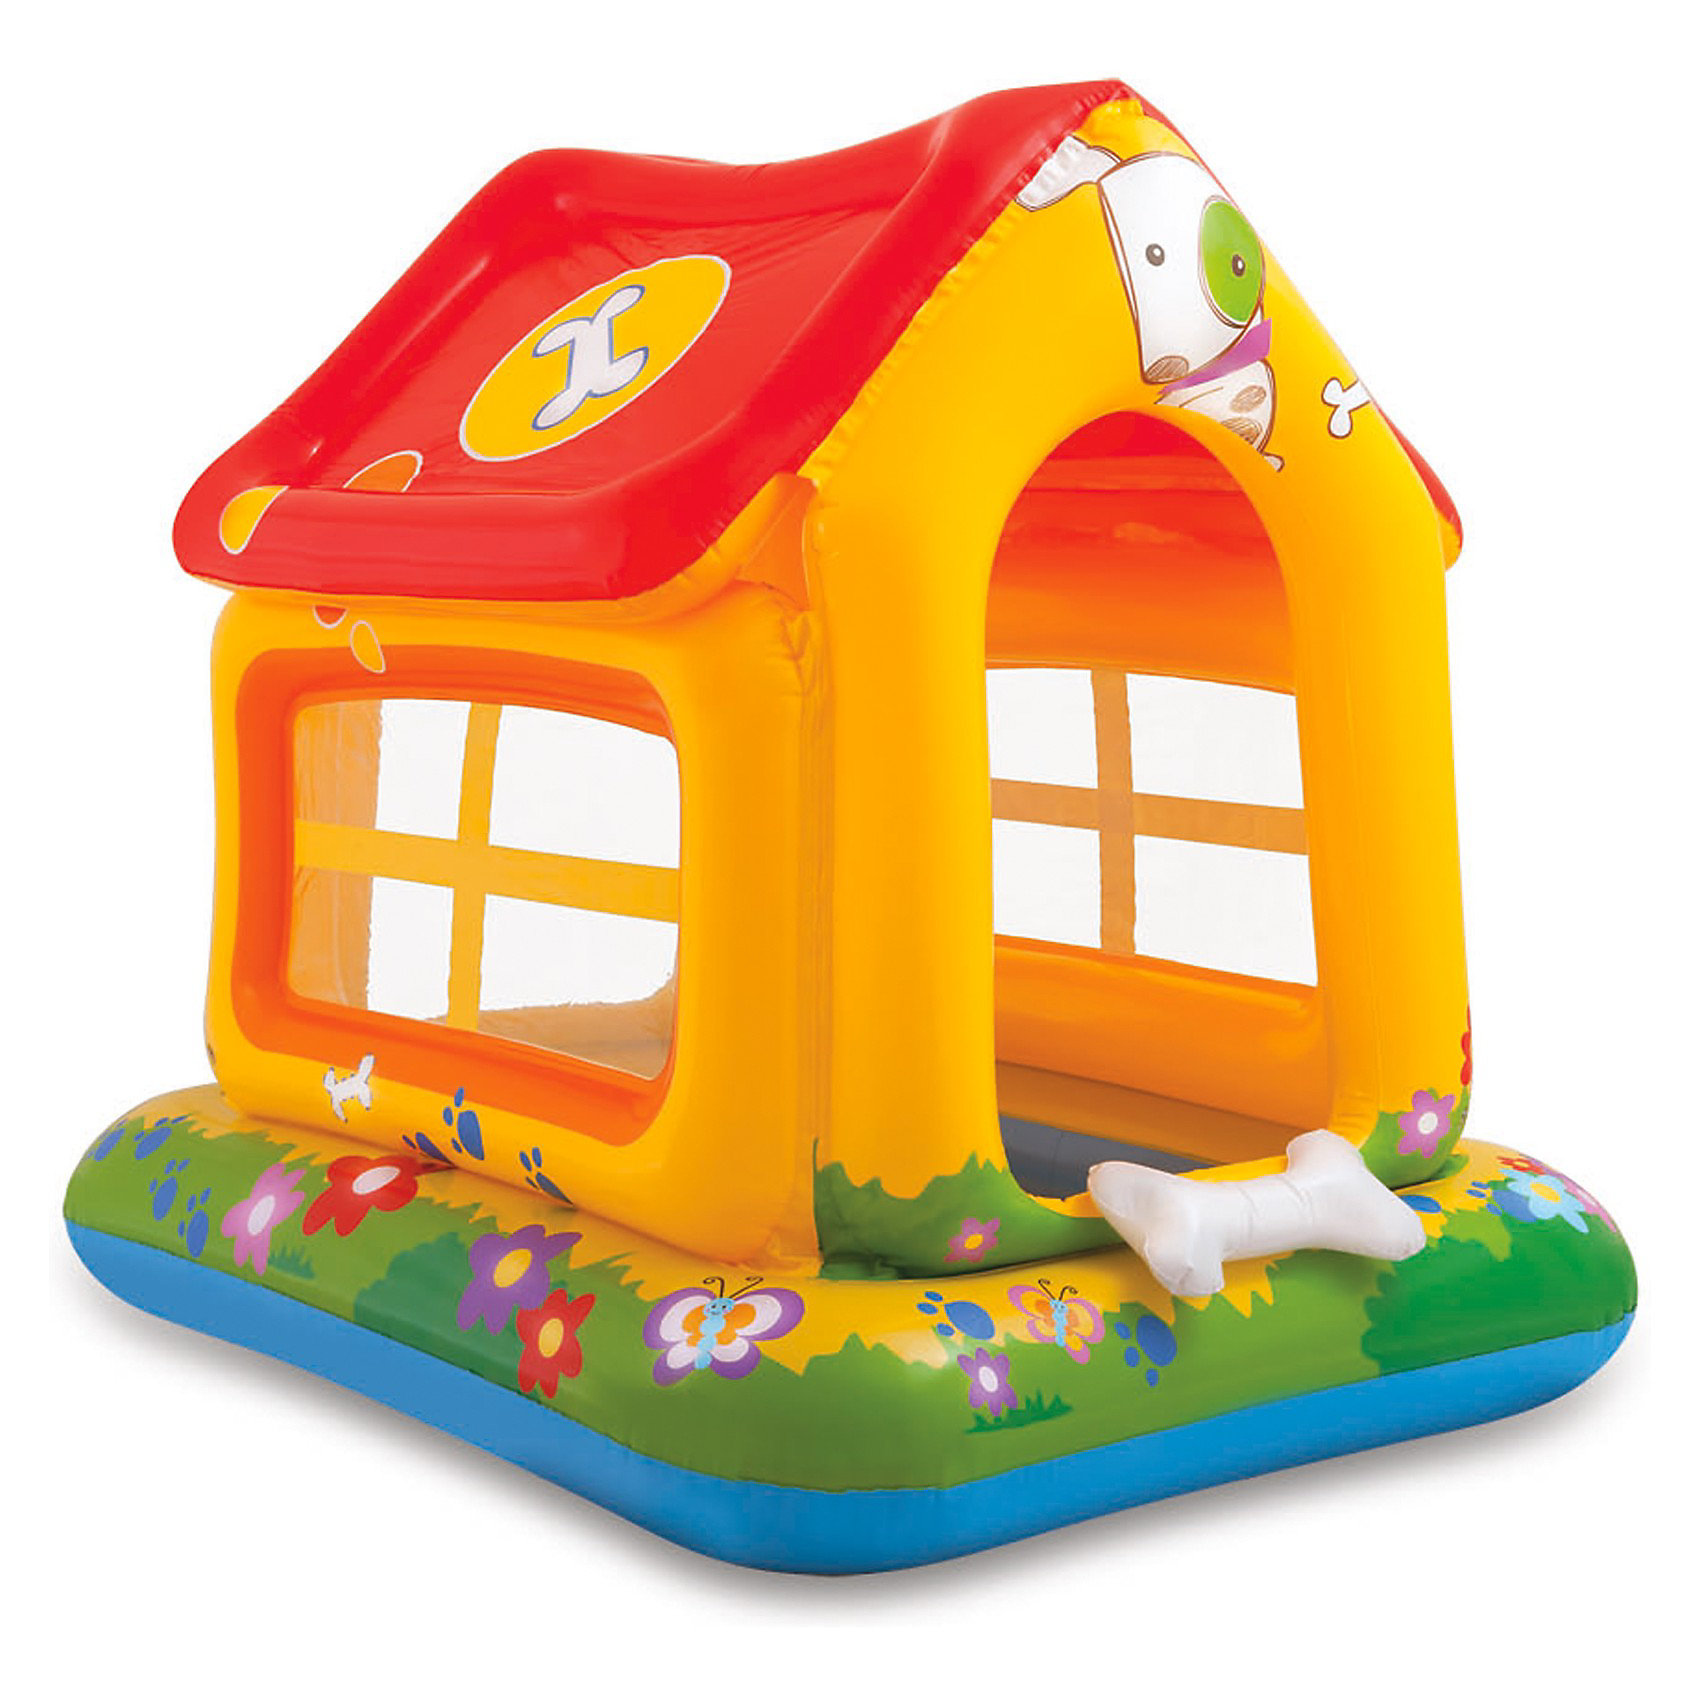 Детский надувной бассейн Домик, Intex